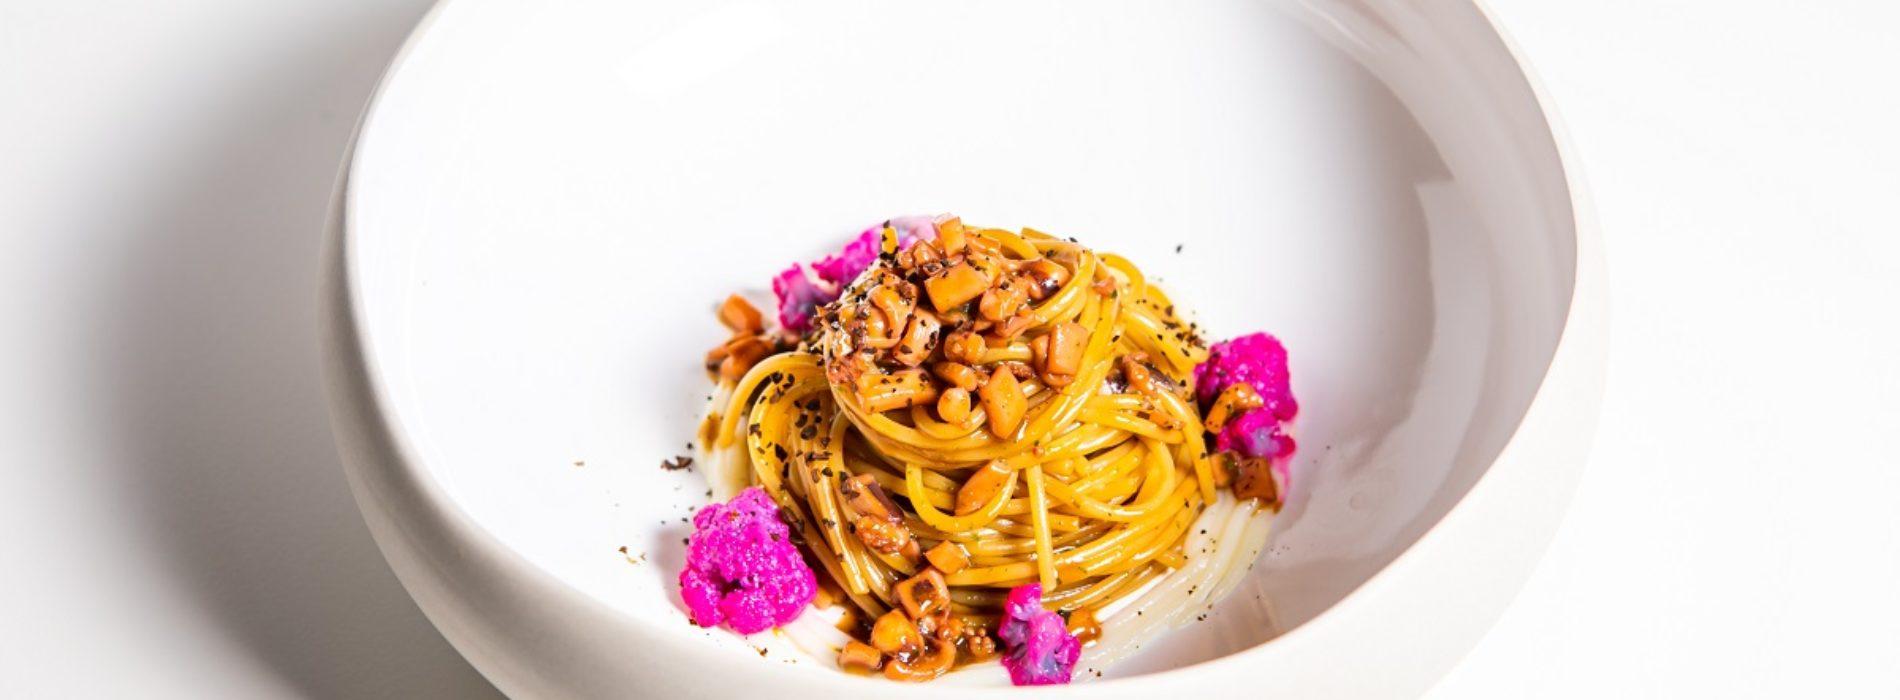 Spaghettoni con totani cavolfiore e caffè, la ricetta dello chef Mirko di Mattia di Livello 1